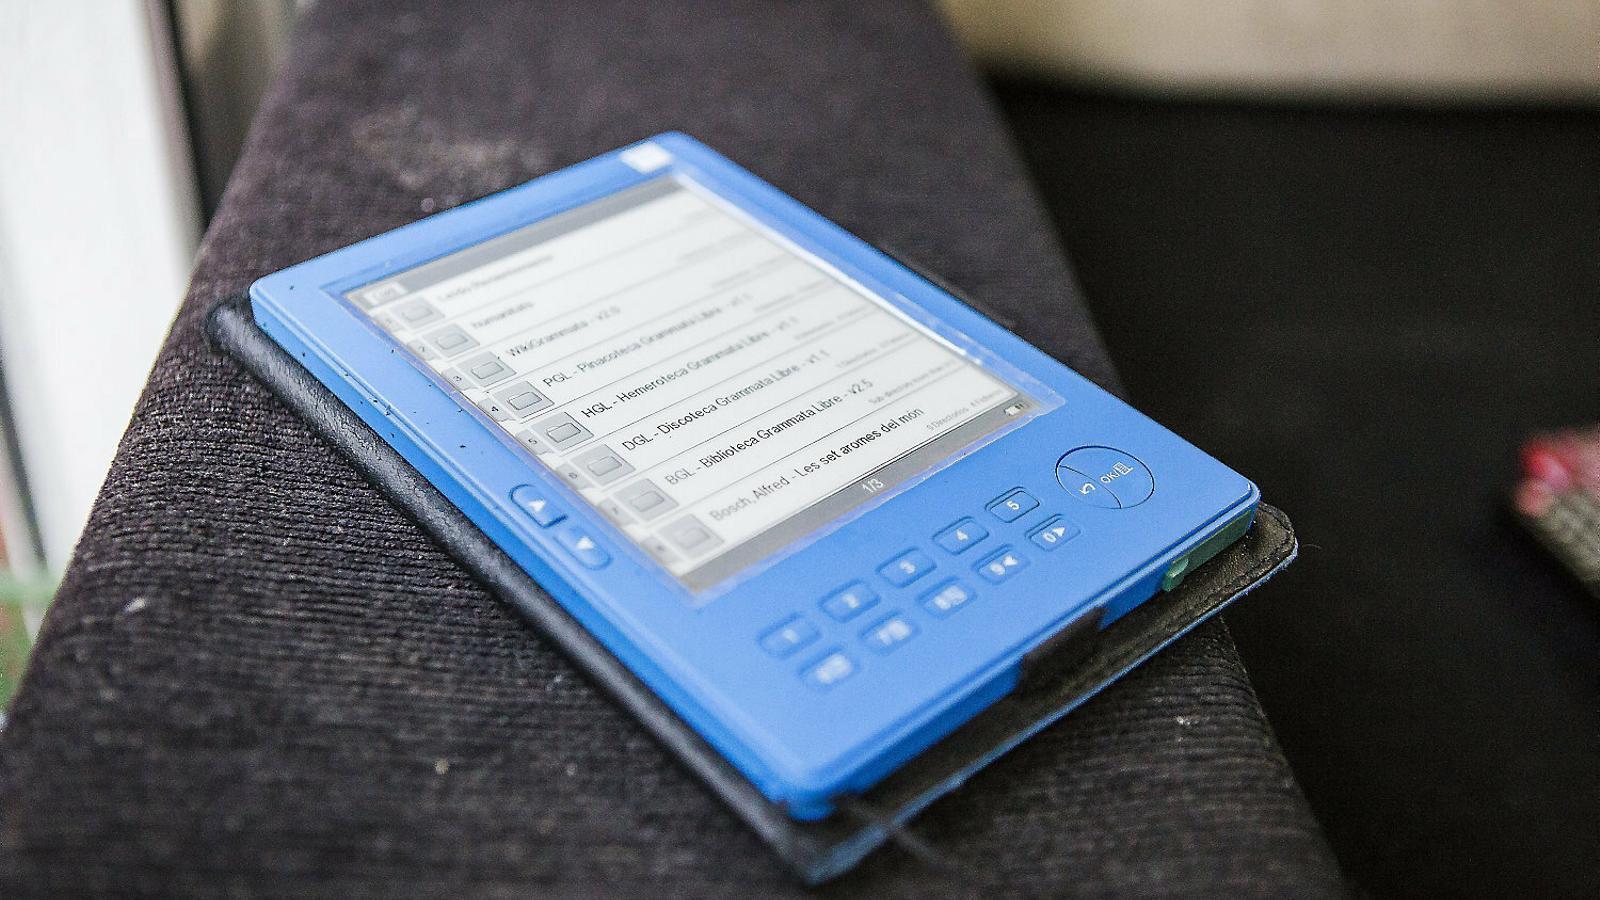 Un llibre electrònic a punt per obrir  un e-book.